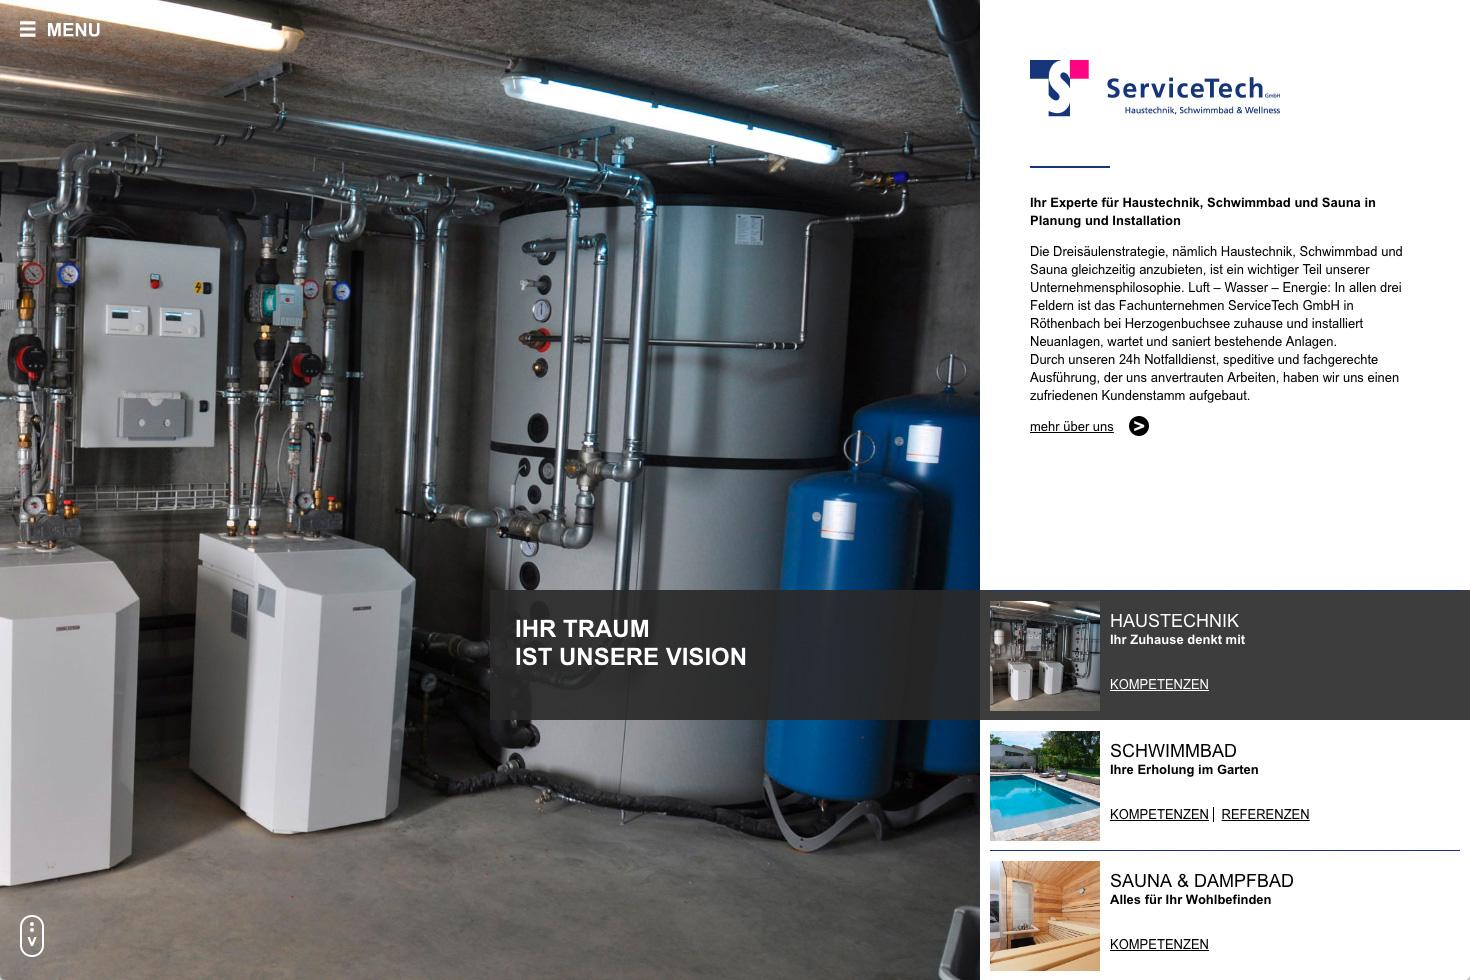 Bild 1 vom ServiceTech Webseite